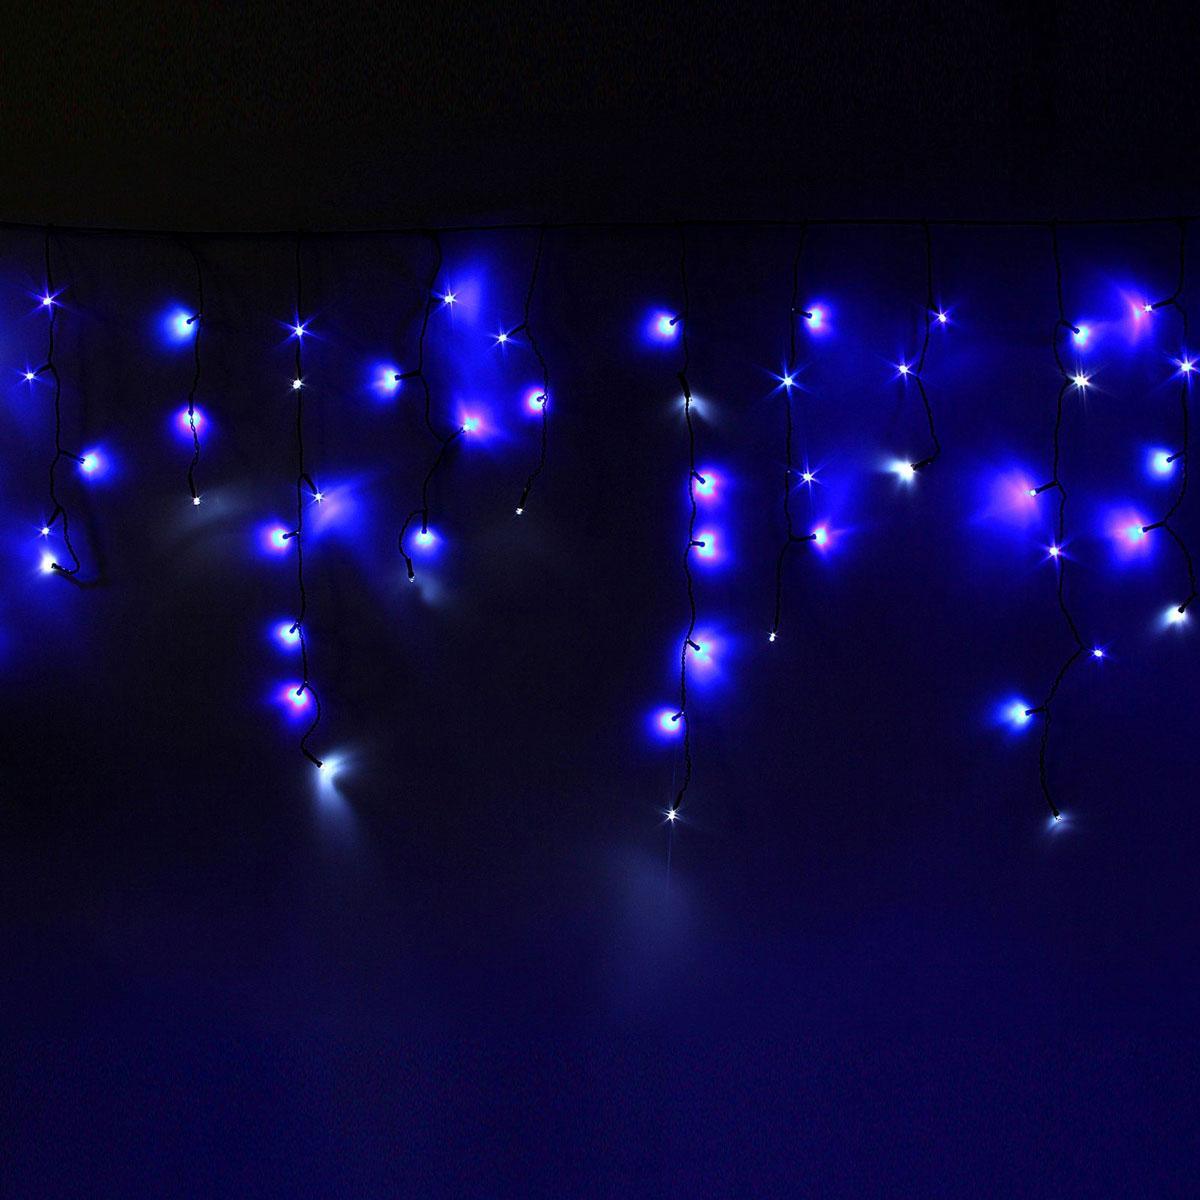 Гирлянда светодиодная Luazon Бахрома, эффект мерцания, 120 ламп, 220 V, цвет: синий, белый, 2,4 х 0,6 м. 10804181080418Светодиодные гирлянды, ленты и т.д — это отличный вариант для новогоднего оформления интерьера или фасада. С их помощью помещение любого размера можно превратить в праздничный зал, а внешние элементы зданий, украшенные ими, мгновенно станут напоминать очертания сказочного дворца. Такие украшения создают ауру предвкушения чуда. Деревья, фасады, витрины, окна и арки будто специально созданы, чтобы вы украсили их светящимися нитями.